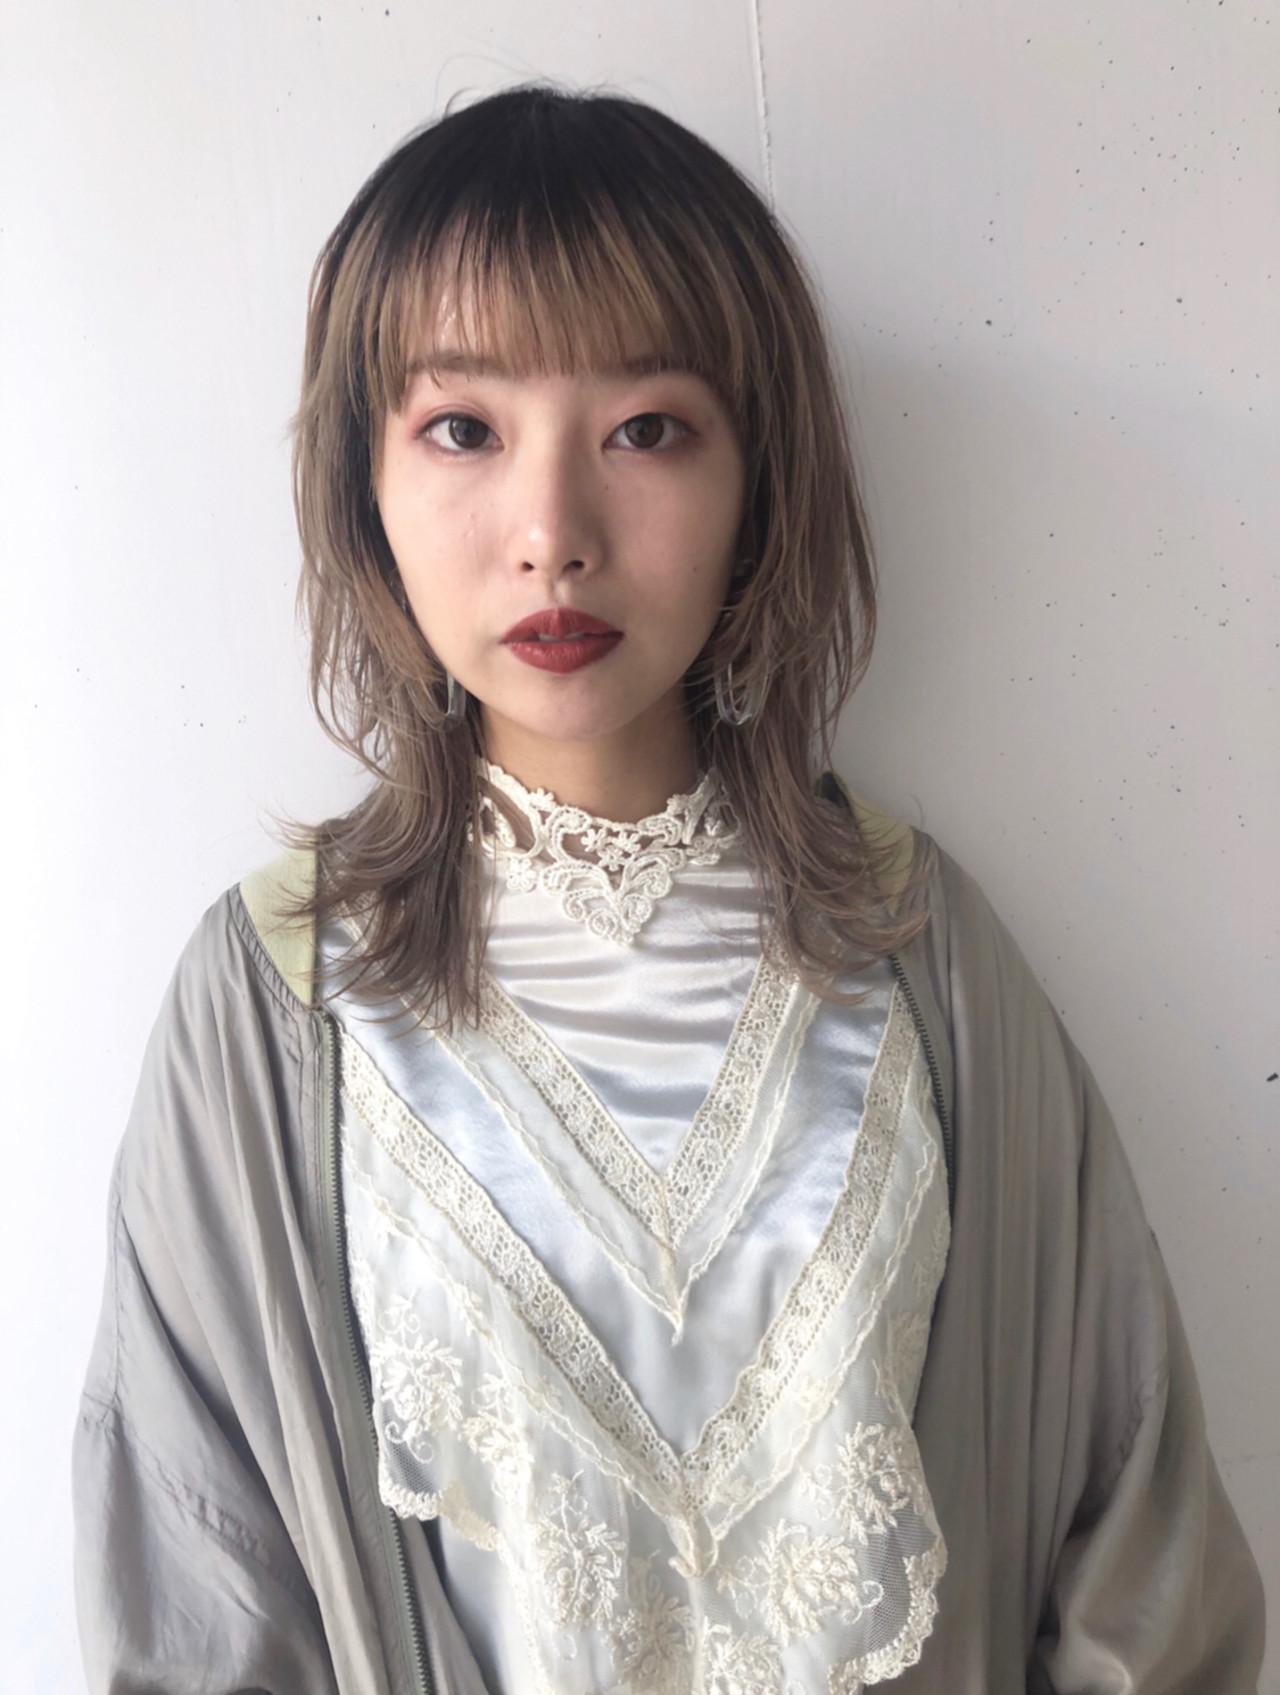 ウルフパーマヘア セミロング フェミニン ウルフカット ヘアスタイルや髪型の写真・画像